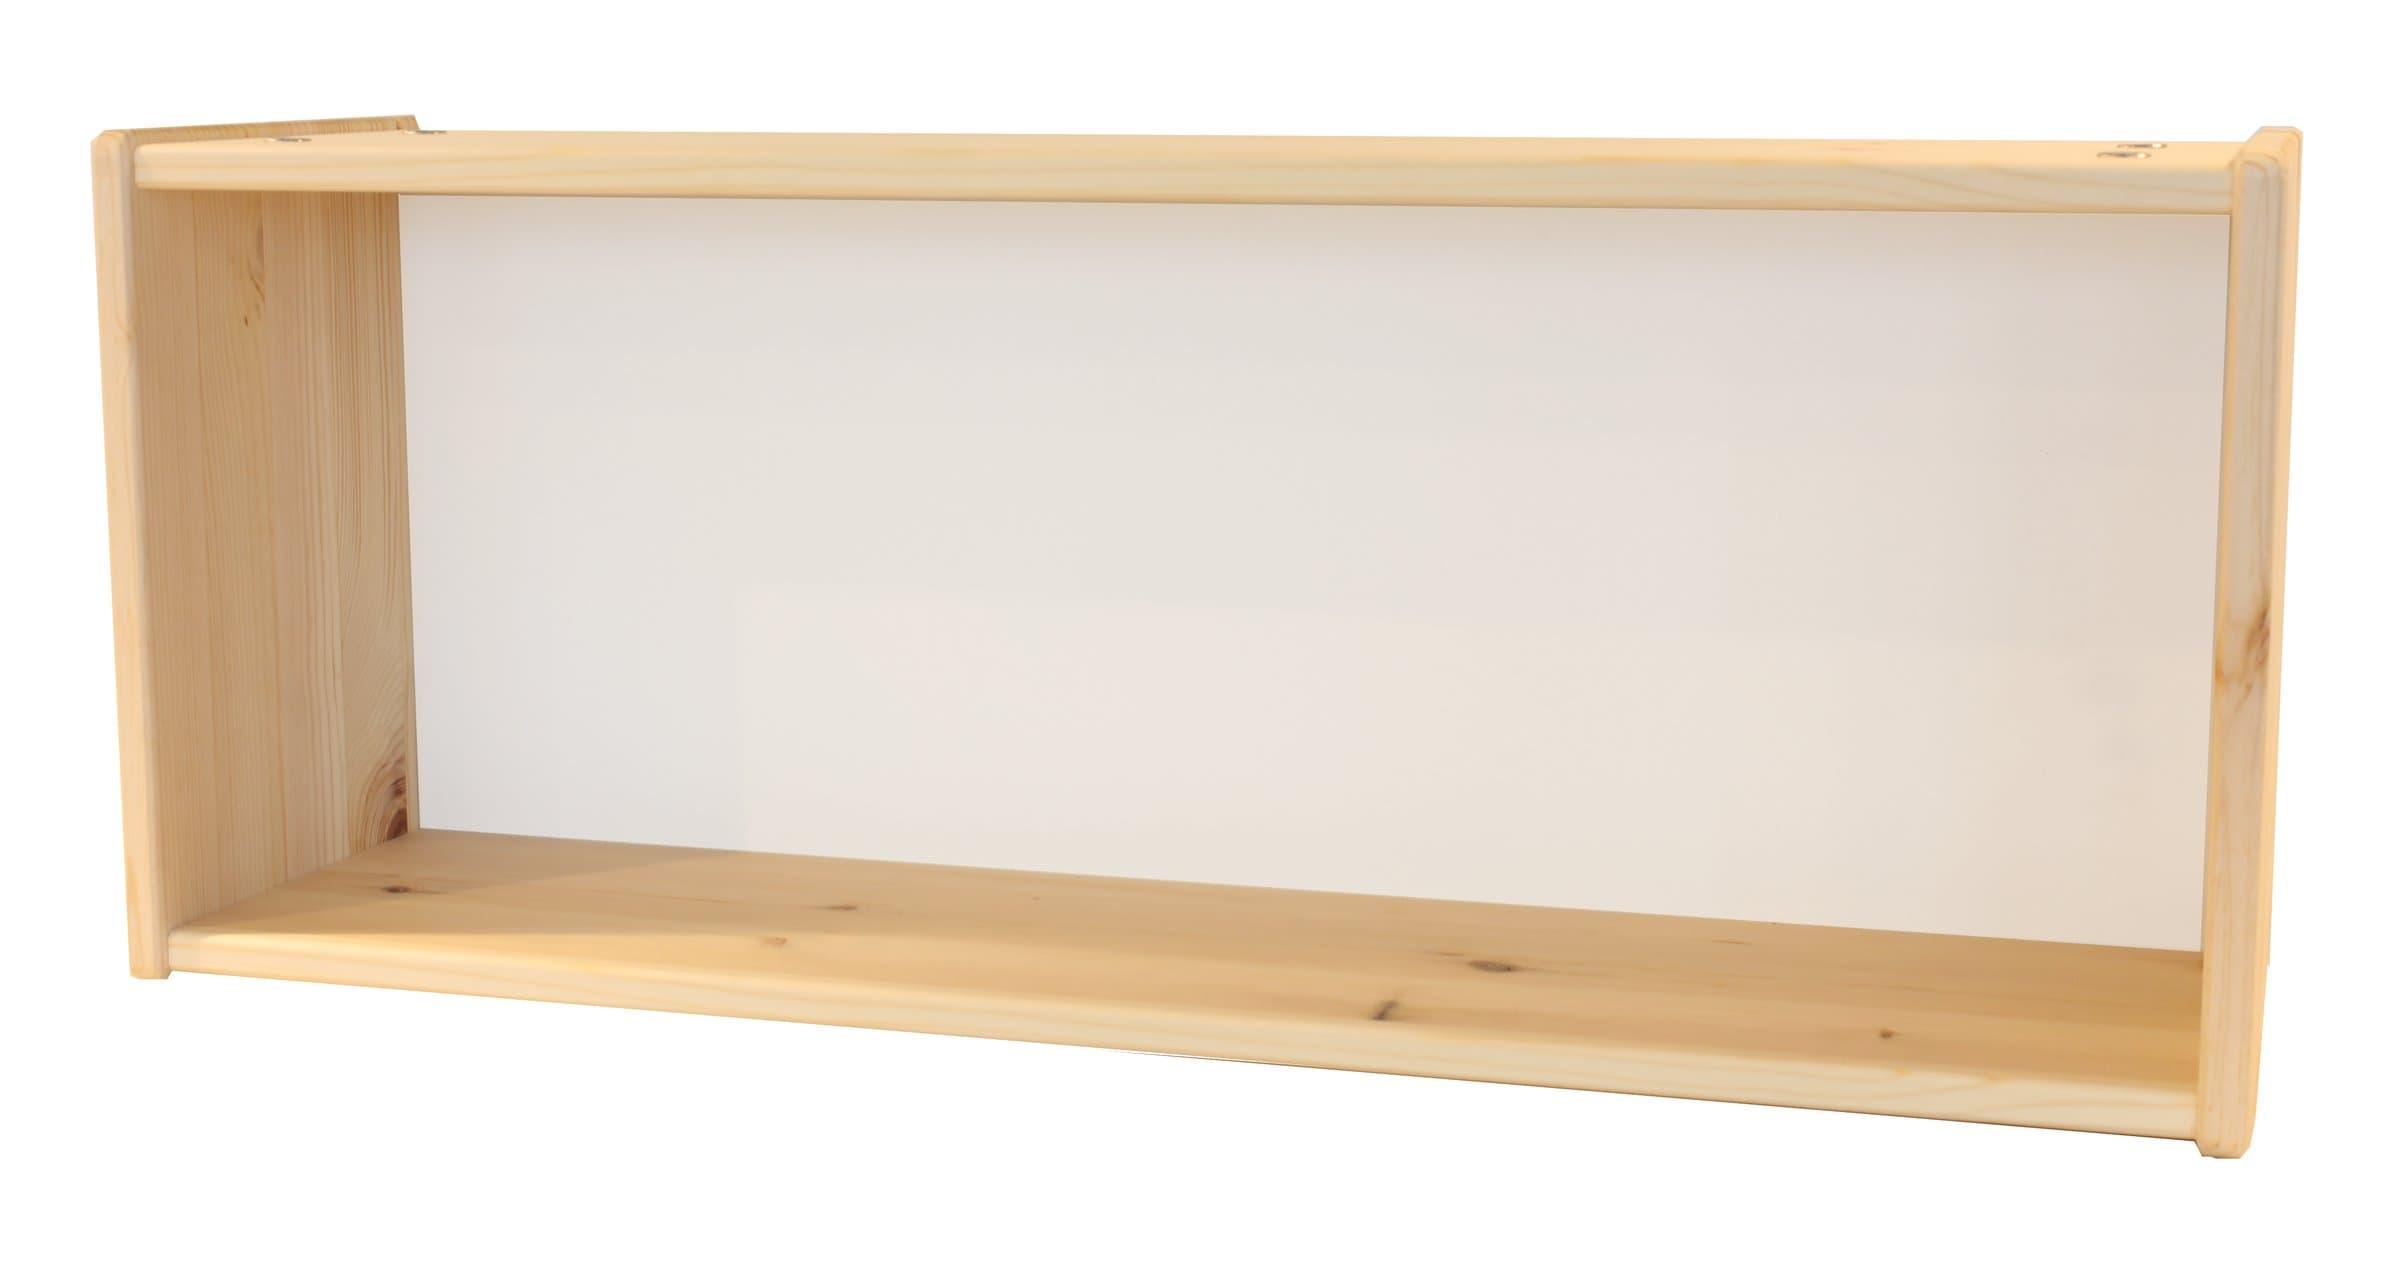 flexa flexa classic b cherregal migros. Black Bedroom Furniture Sets. Home Design Ideas